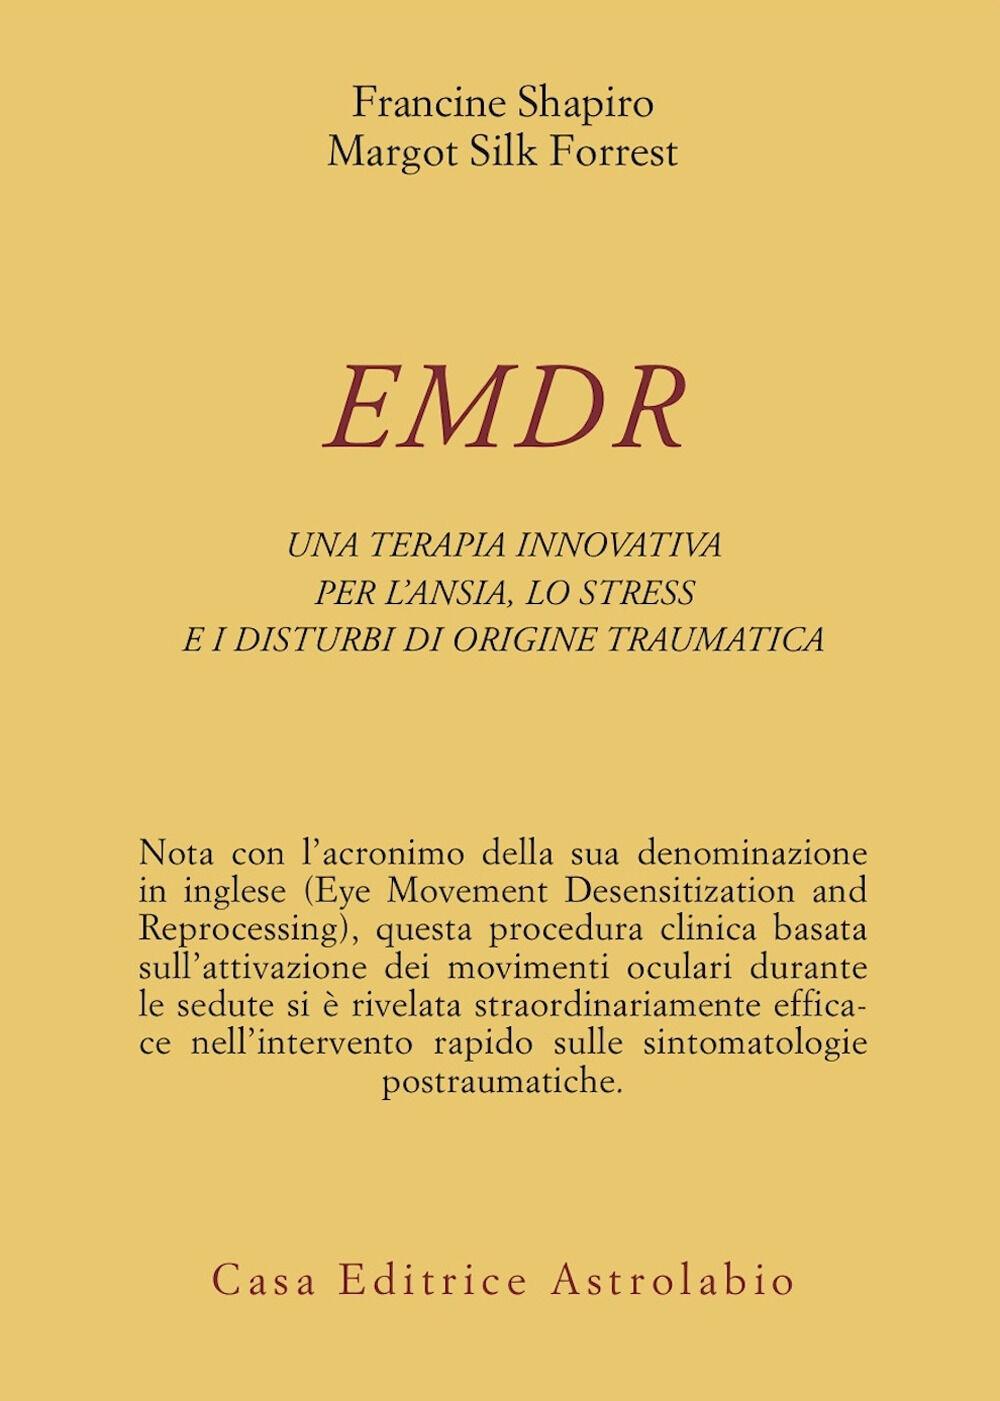 EMDR. Una terapia innovativa per il superamento dell'ansia, dello stress e dei disturbi di origine traumatica